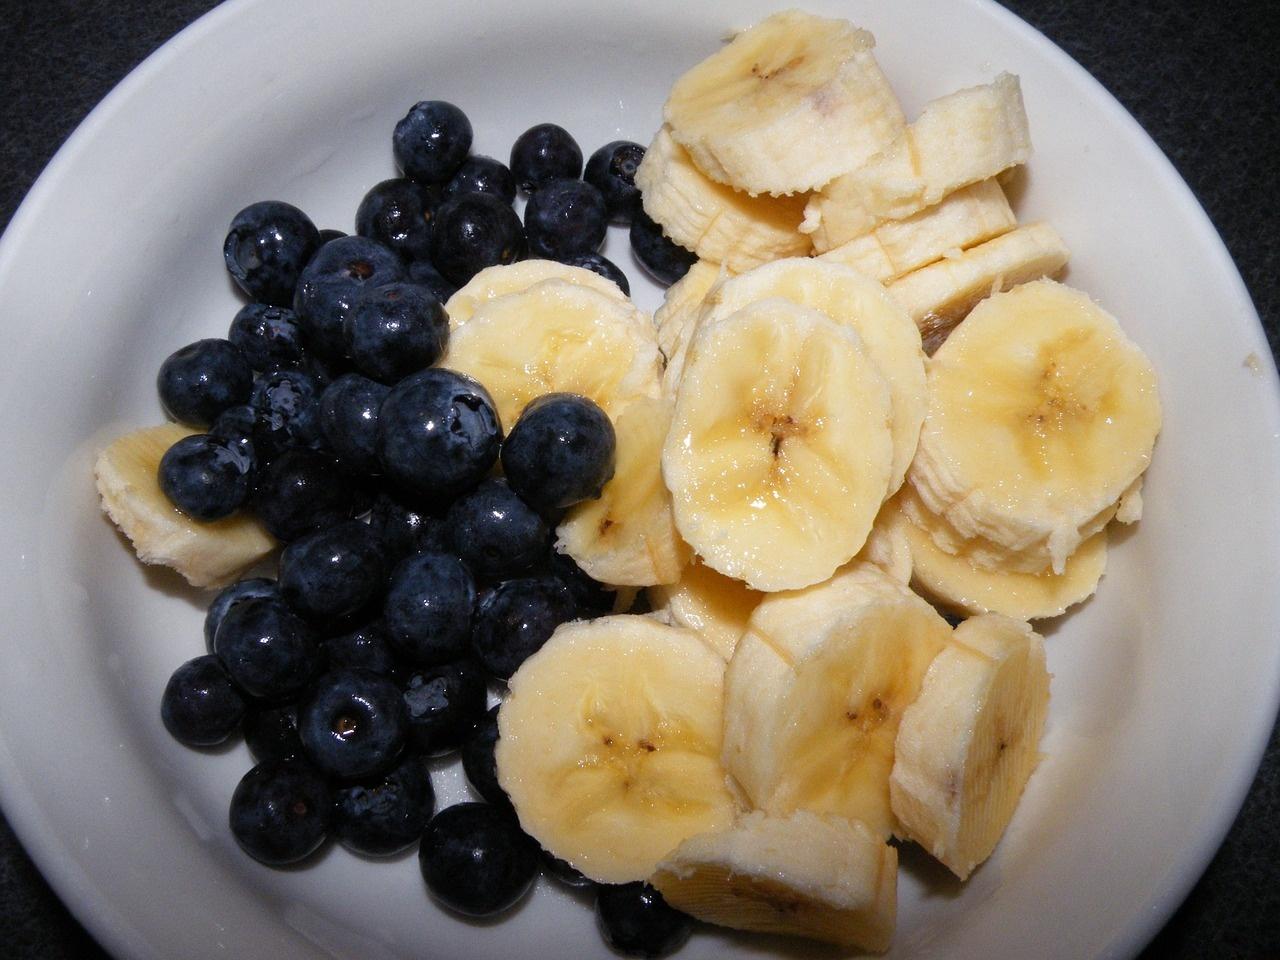 Шість продуктів, які полегшують ранкове похмілля - фото 1